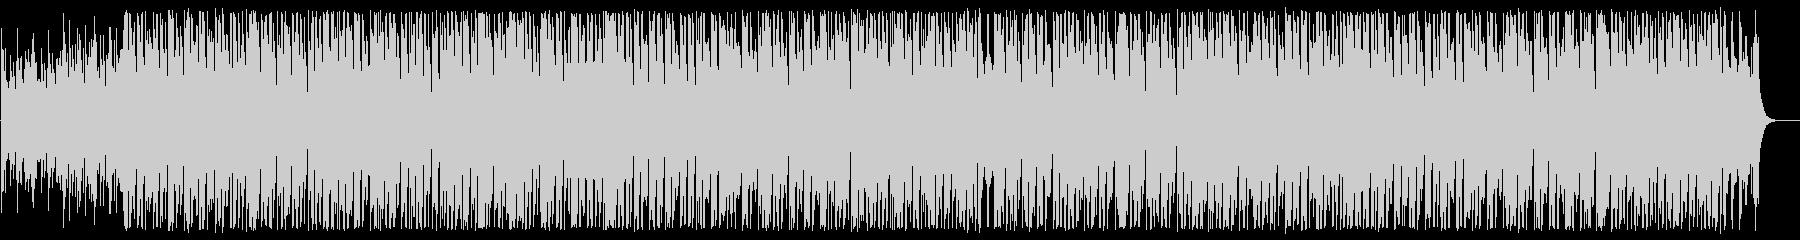 ピアノとシーケンサーのテクノポップの未再生の波形